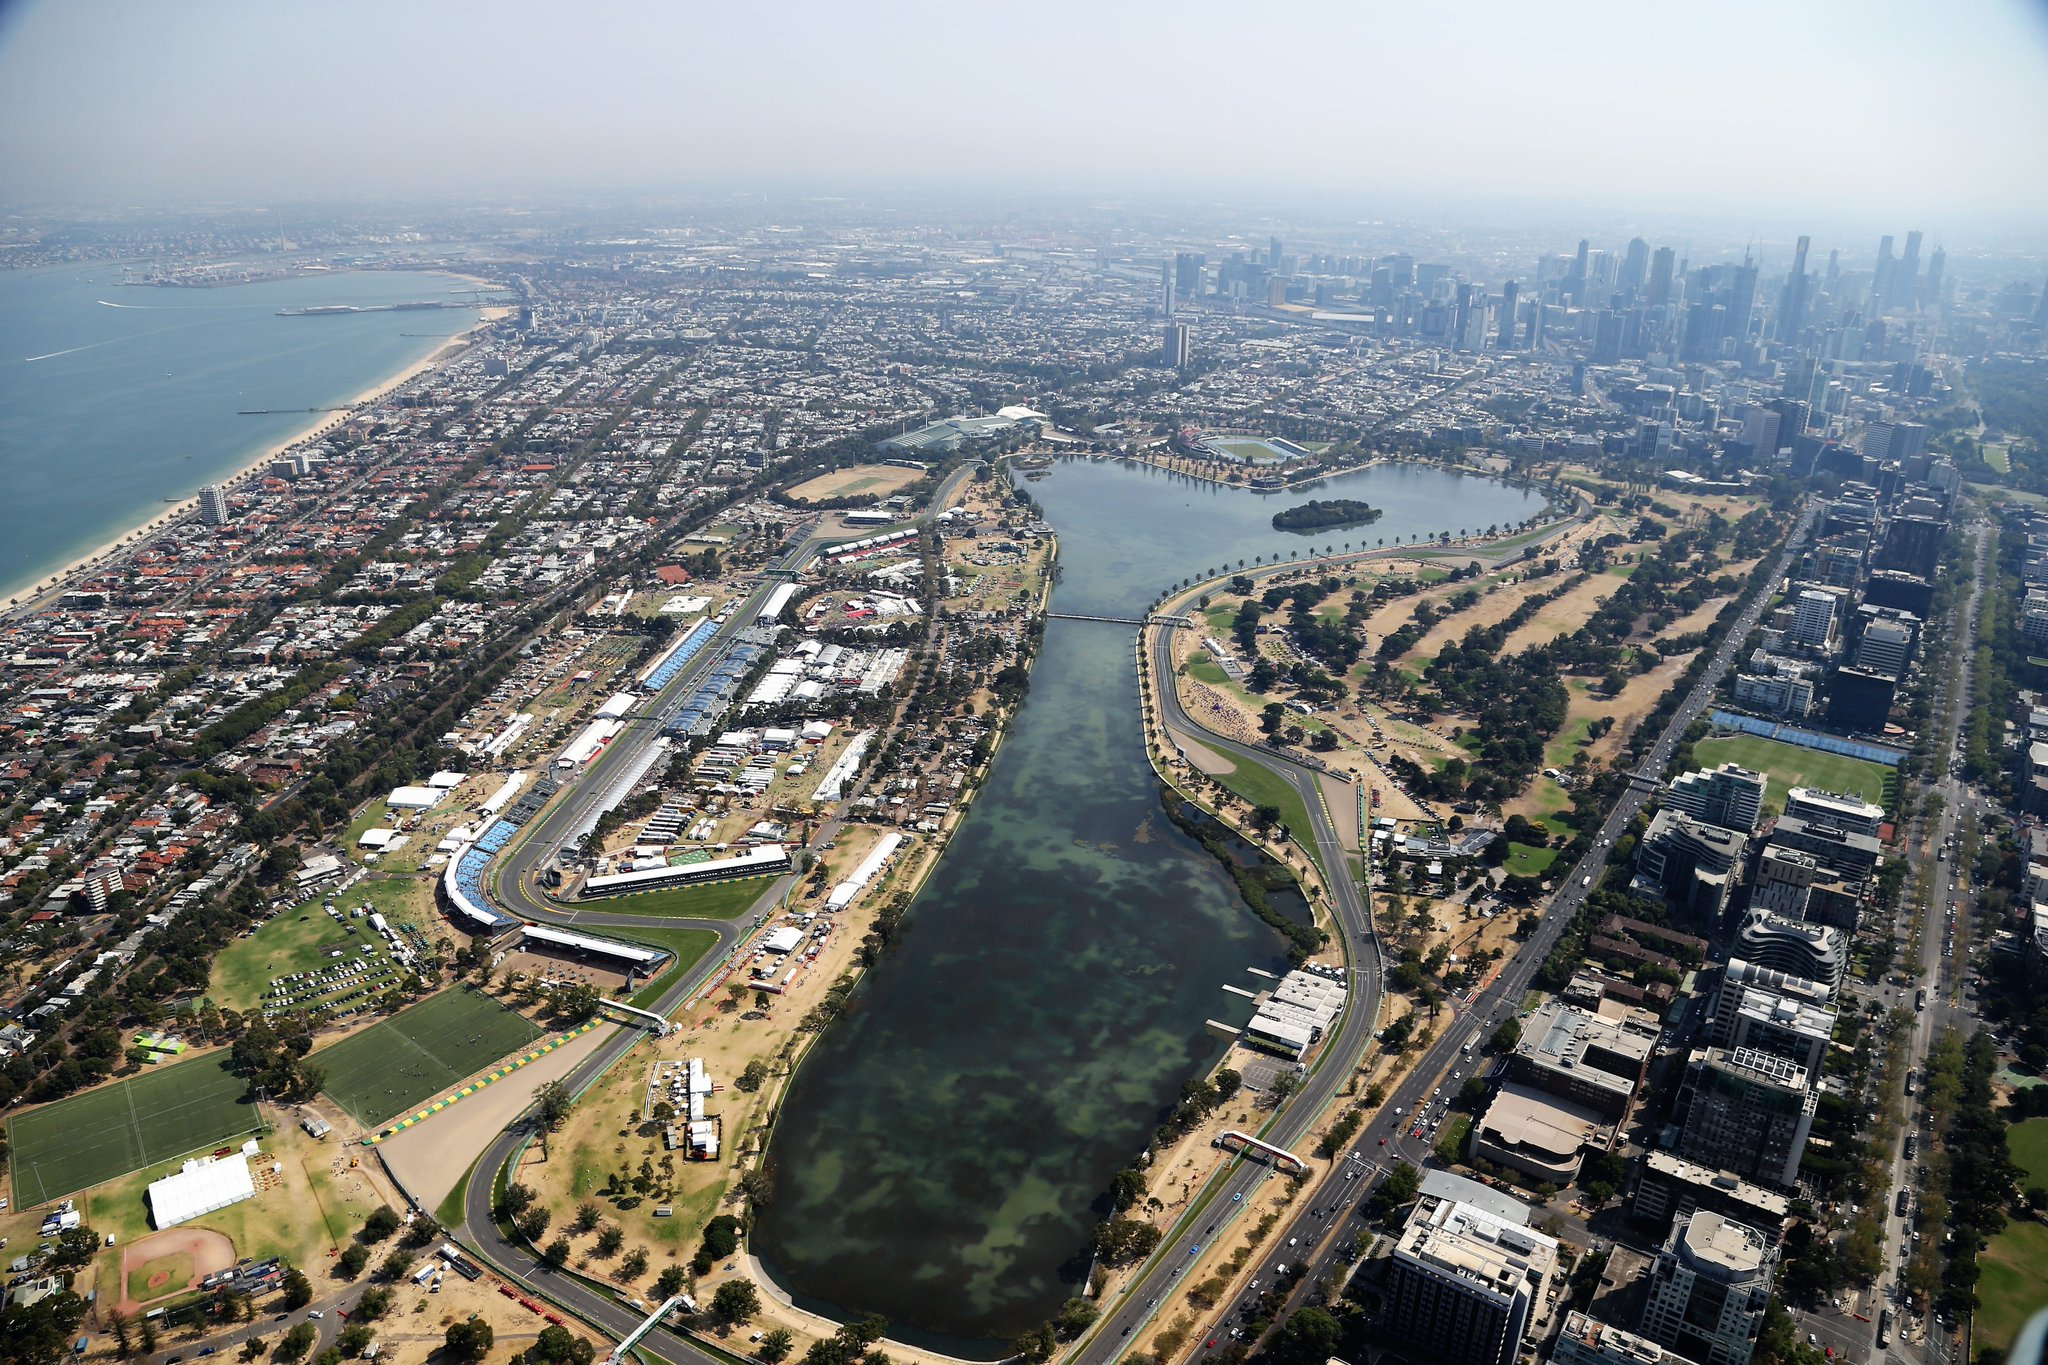 Автодром Альберт-Парк в Мельбурне с высоты птичьего полёта